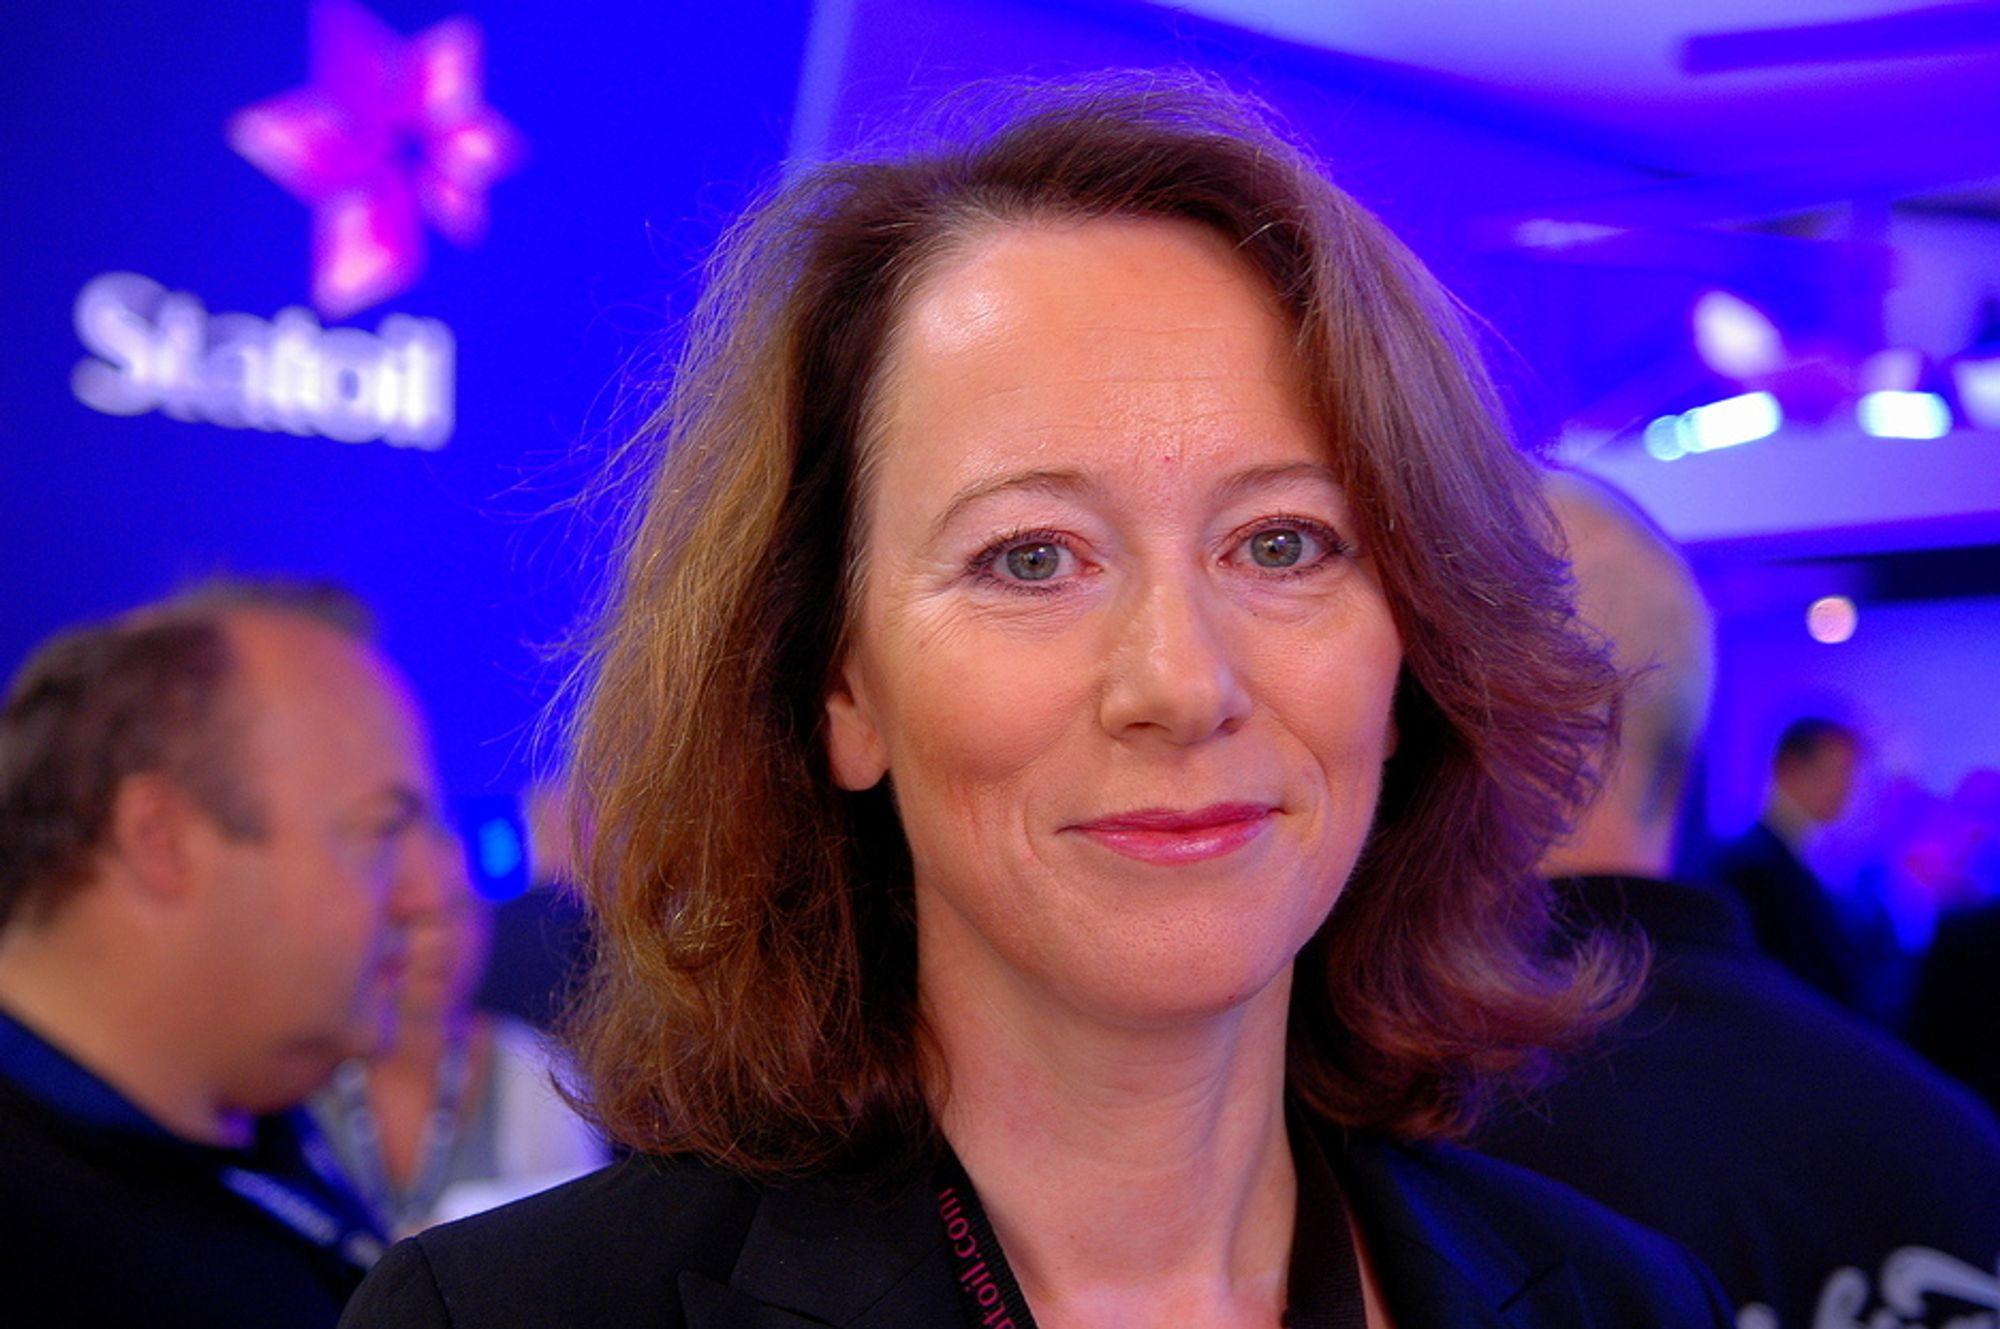 LANGSIKTIG: - Vi må tenke langsiktig skal vi få alle reservene i Snorre-området, sier Mona Nyland Berg i Statoil.